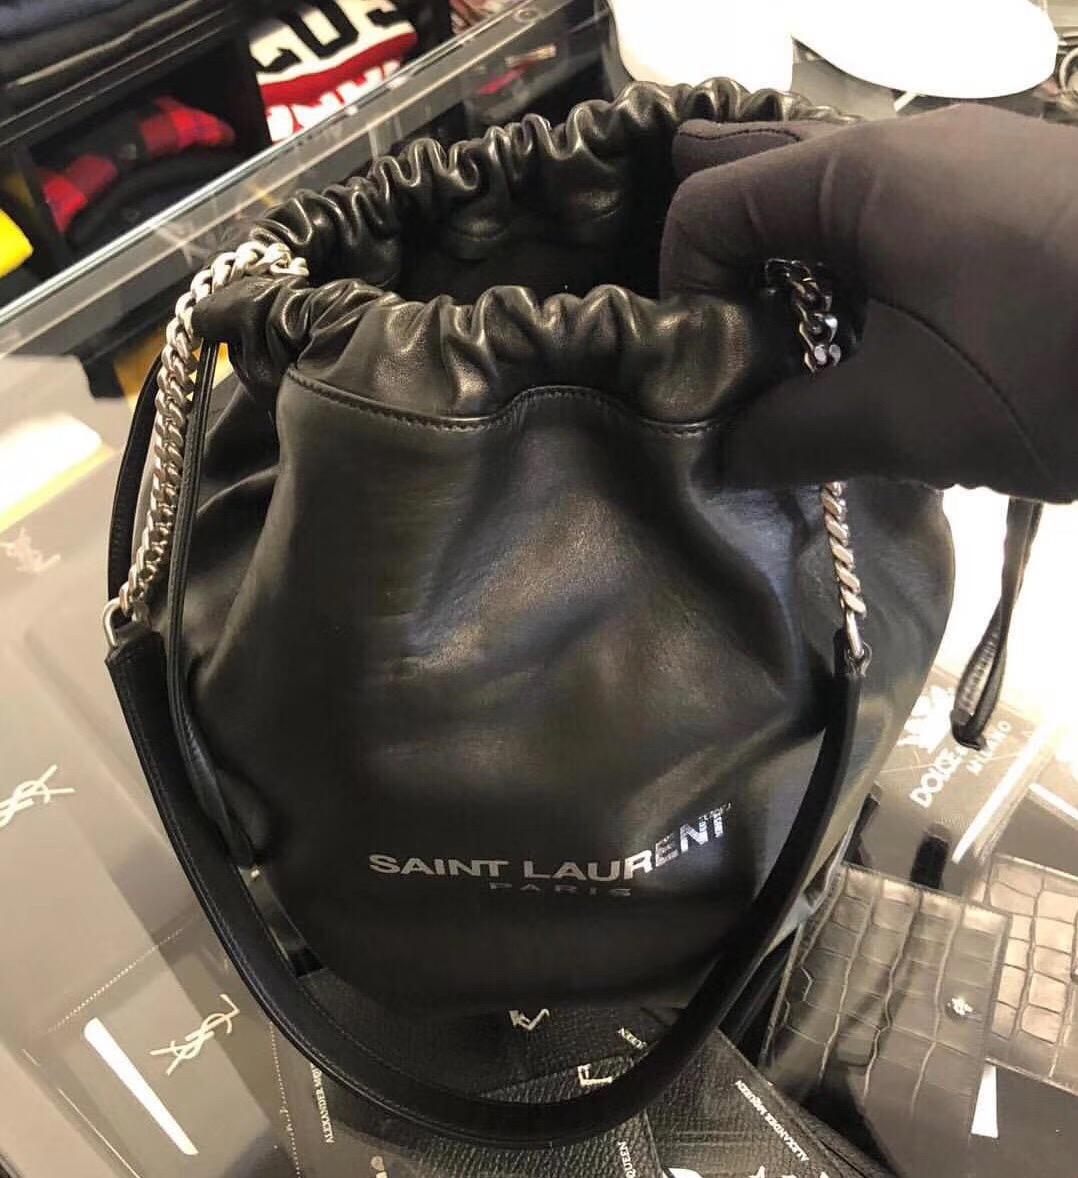 聖羅蘭包包臺灣官網 YSL TEDDY 黑色真皮包SAINT LAURENT PARIS抽繩水桶包